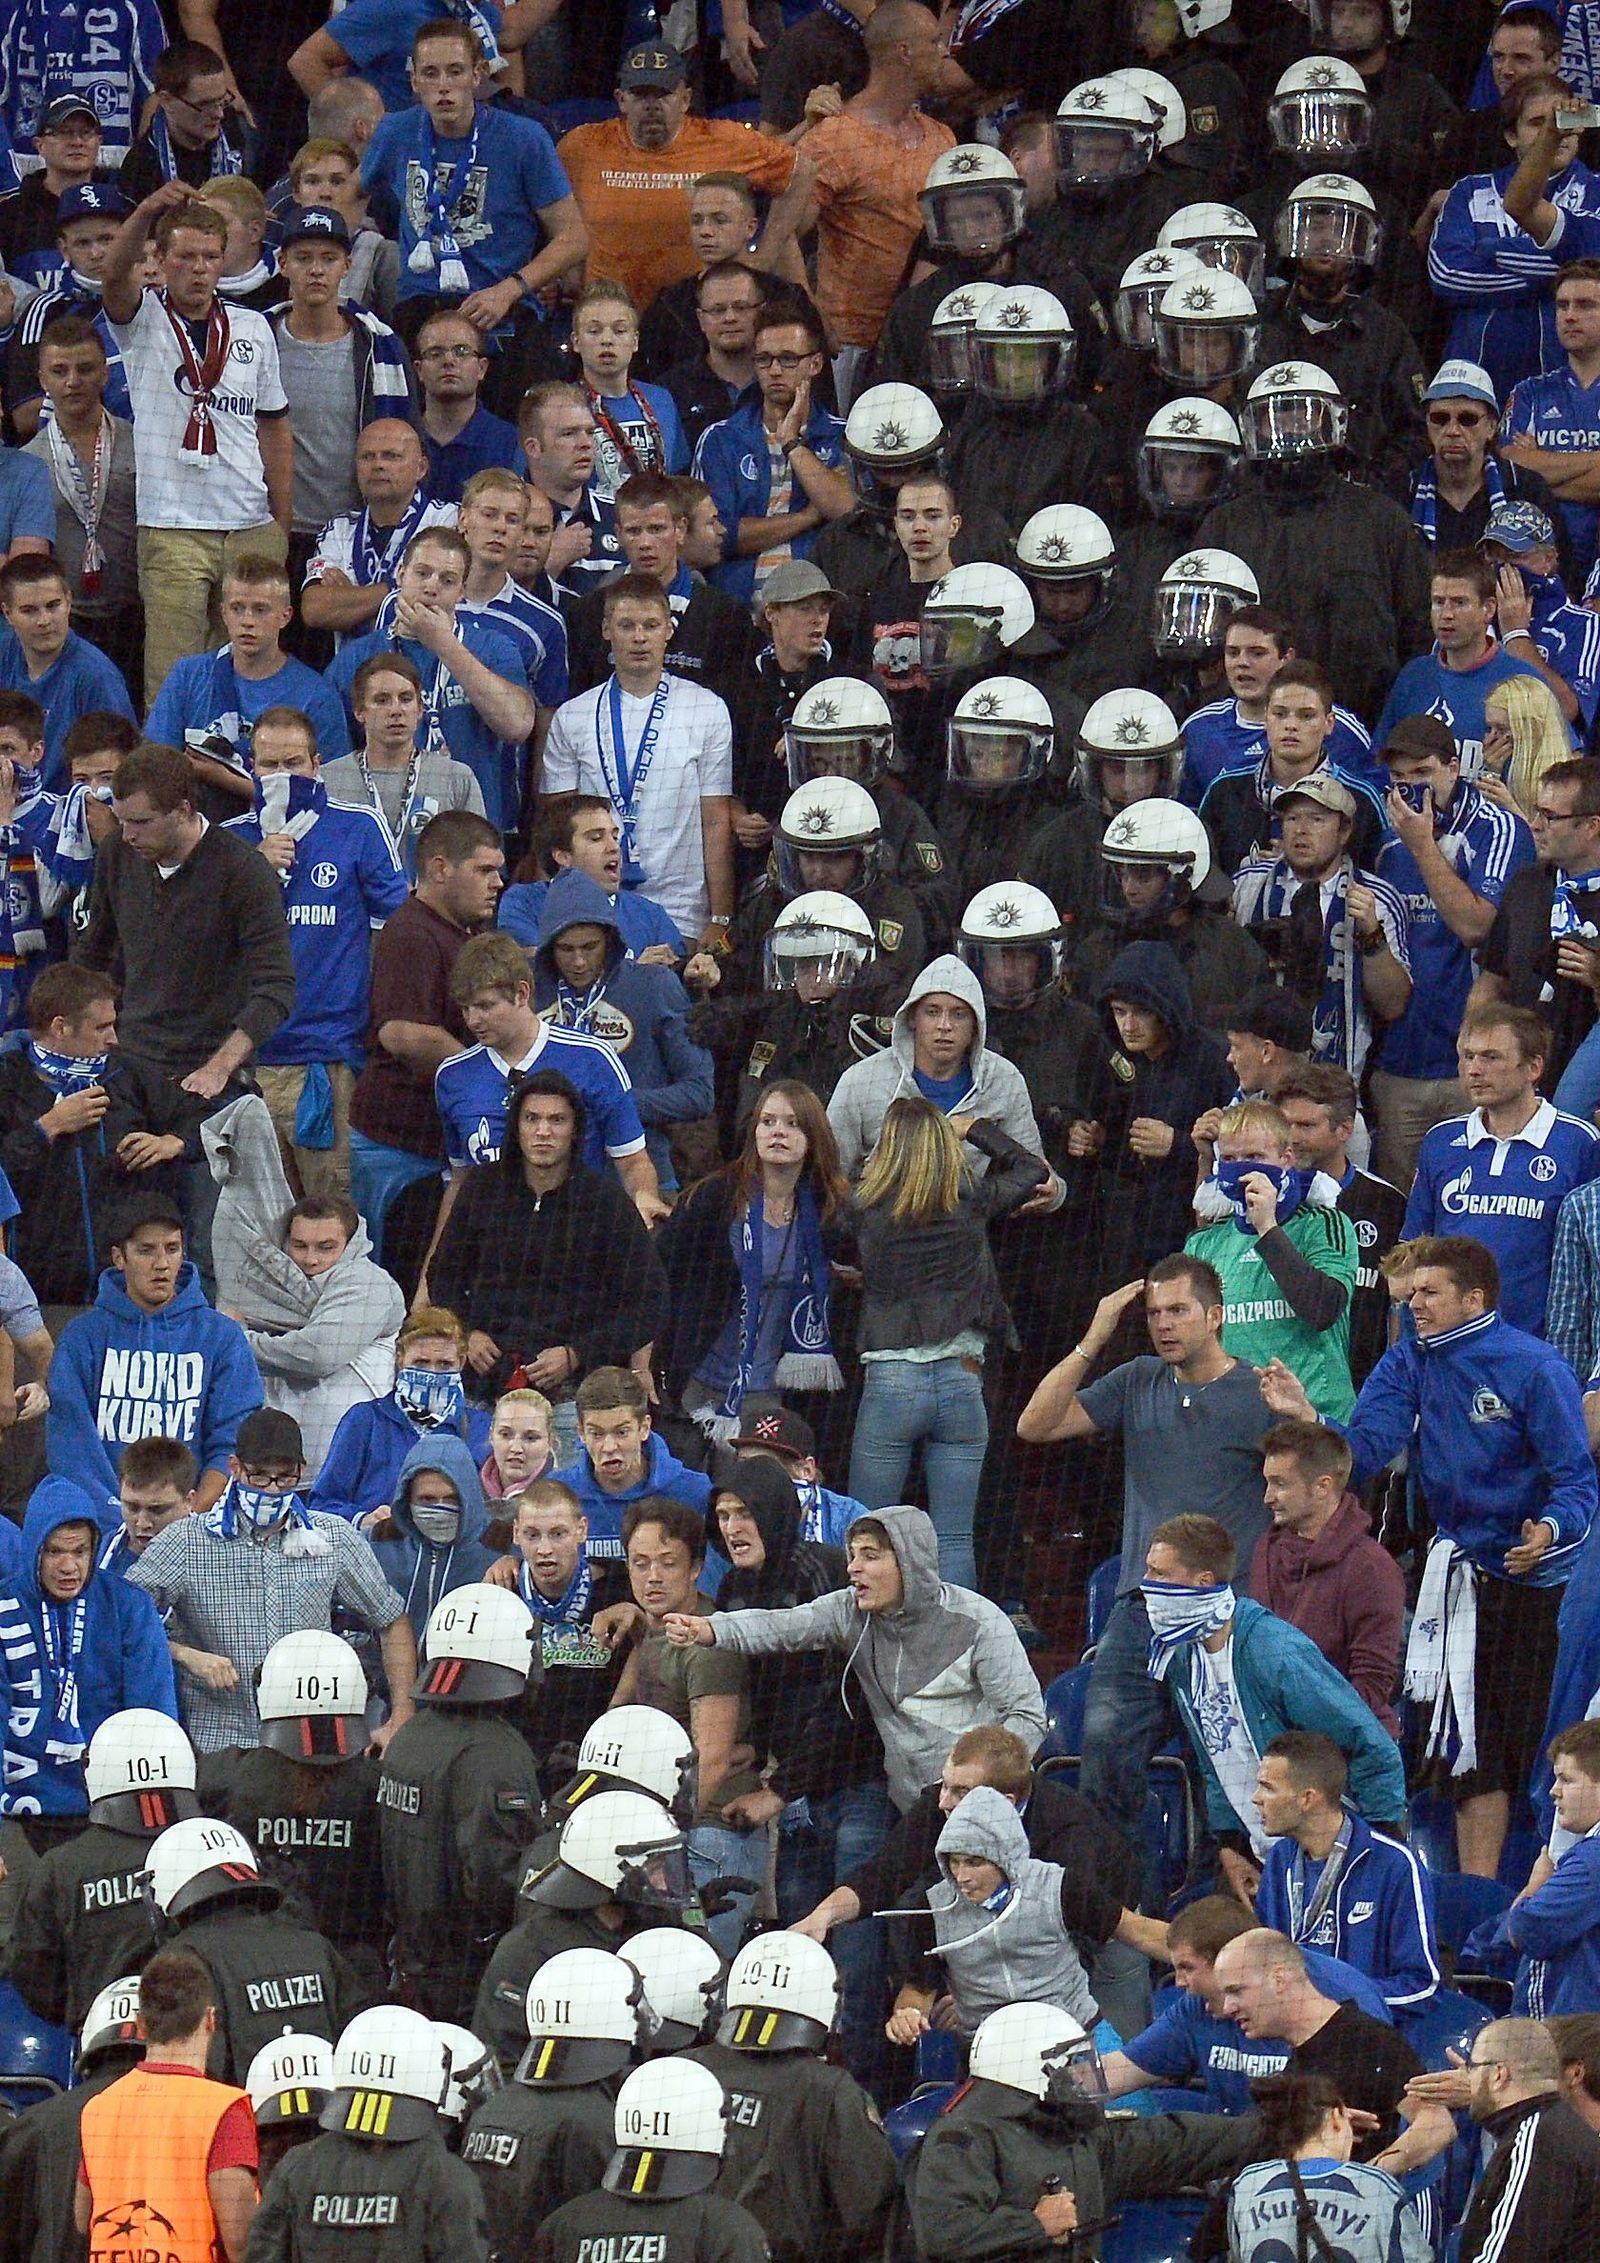 Schalke vs Saloniki / Krawalle